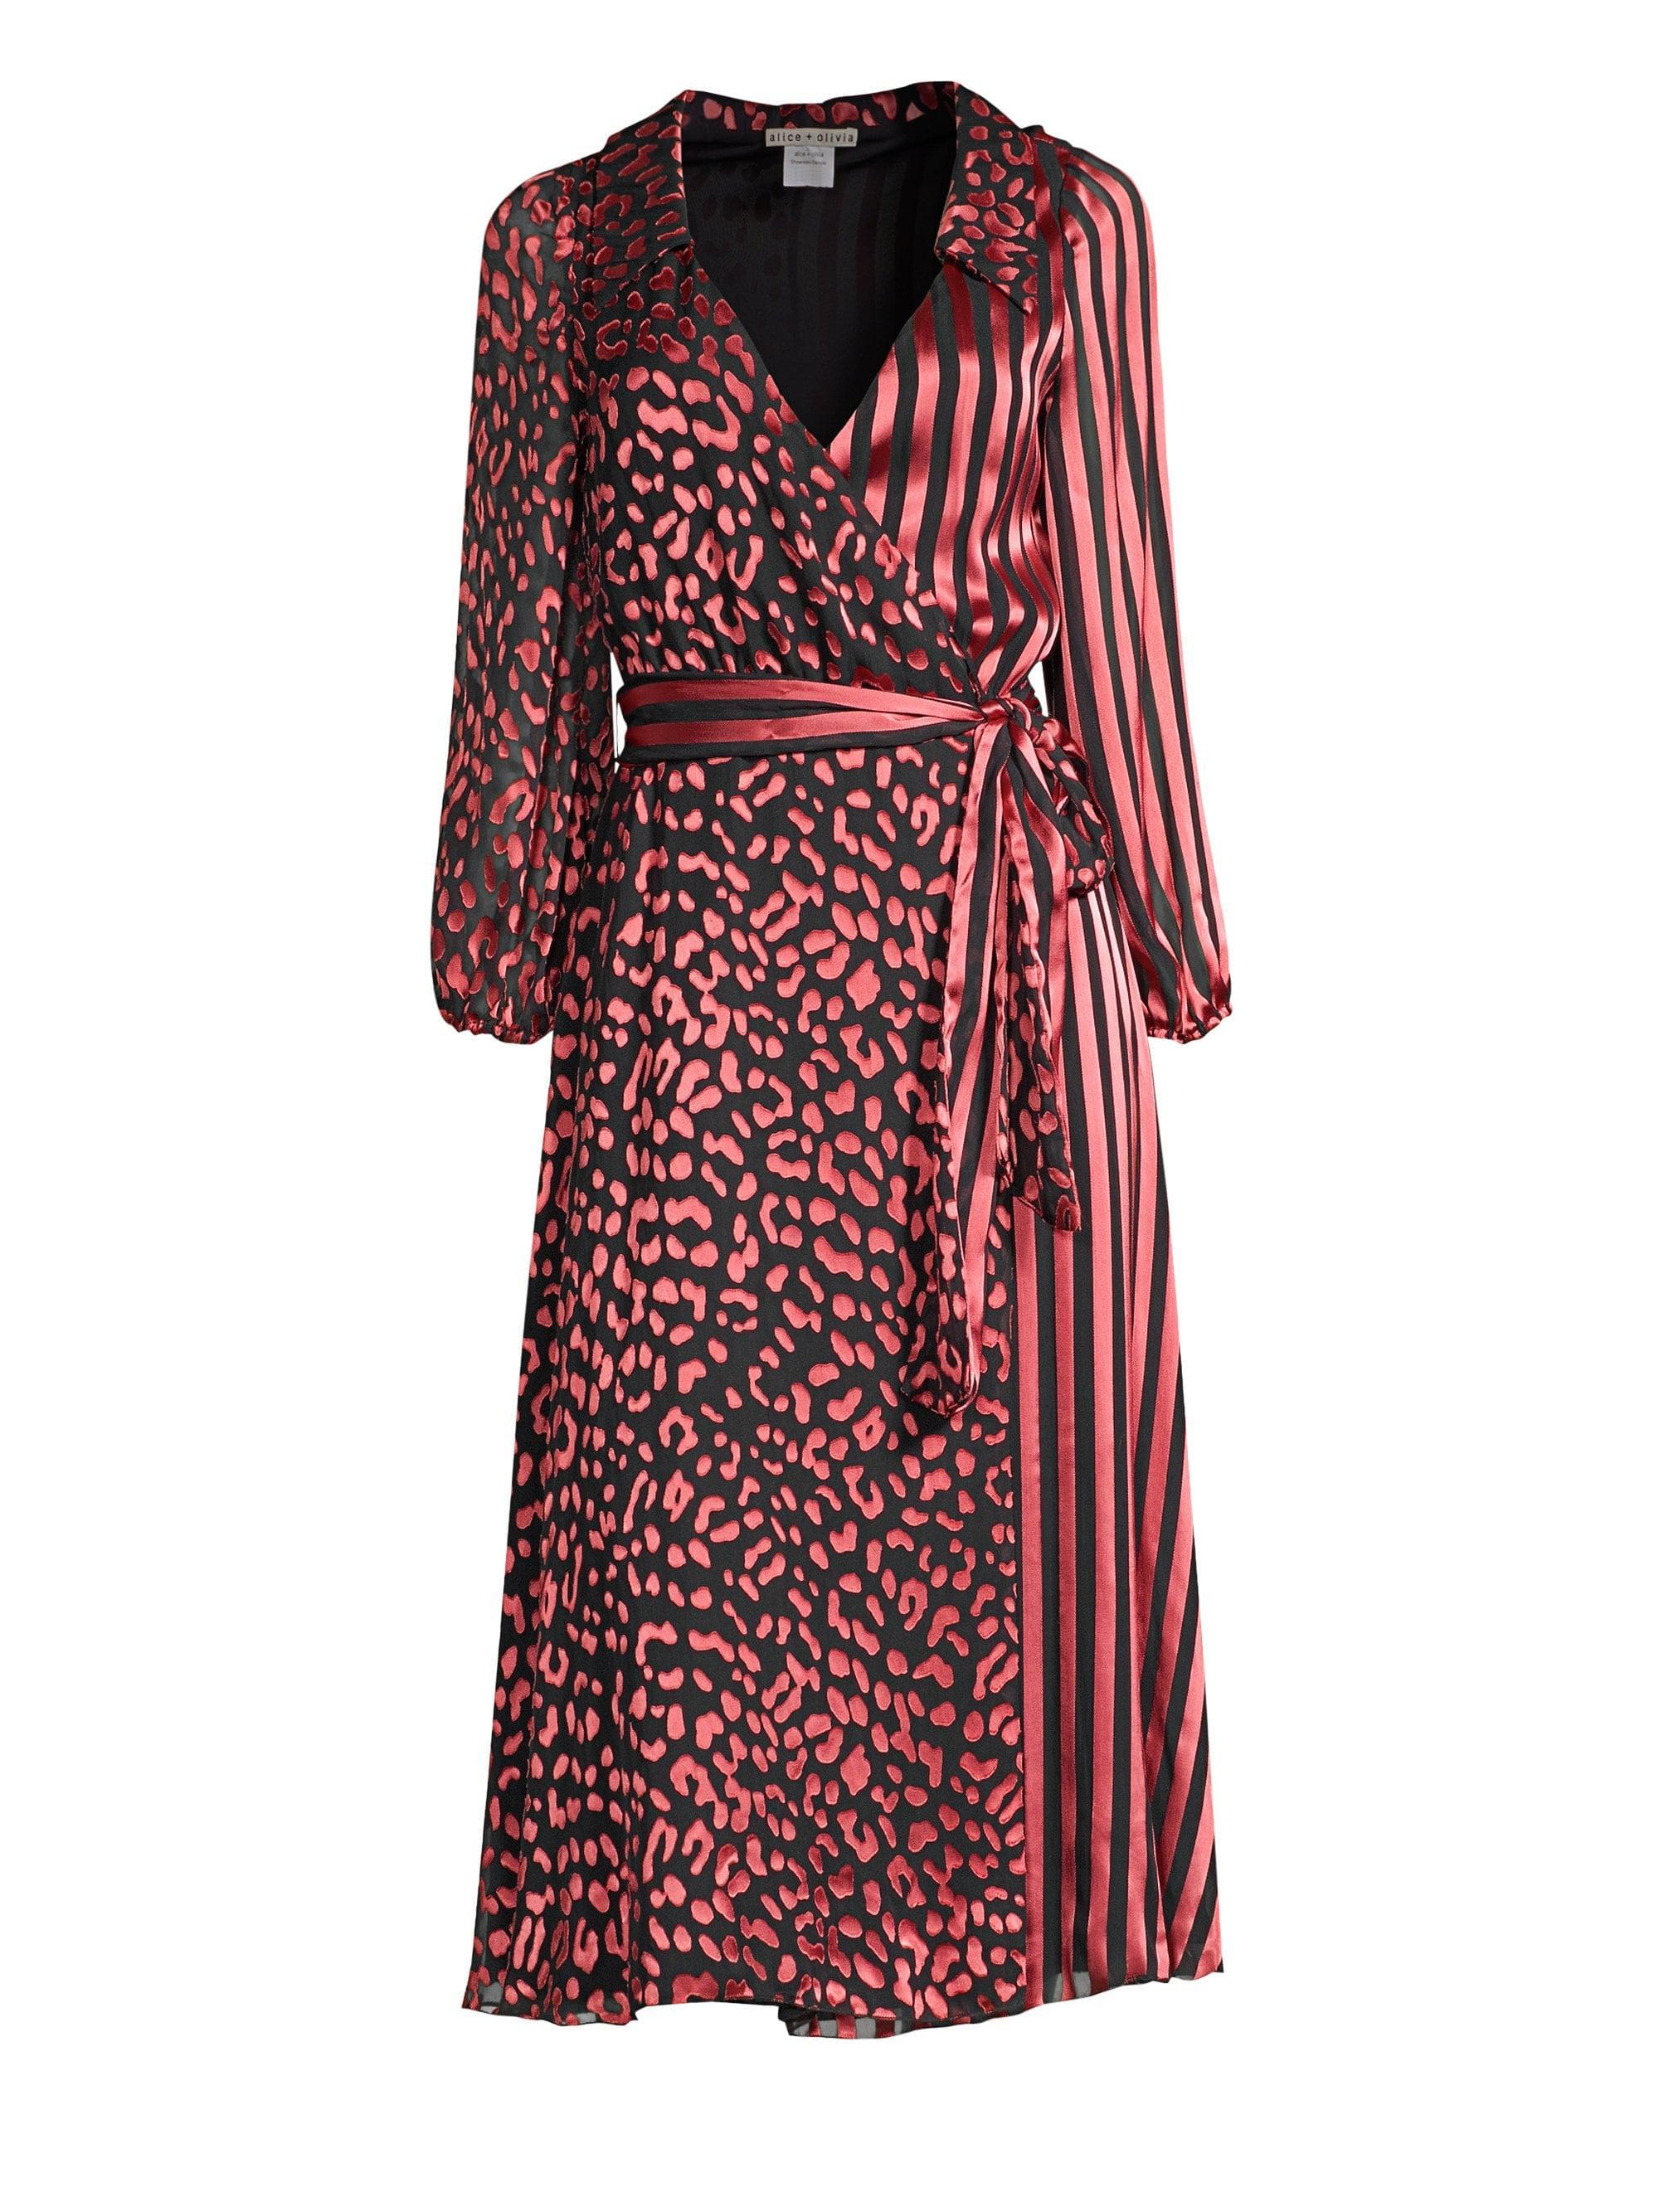 Lyst - Alice + Olivia Abigail Metallic Leopard   Stripe Stretch Silk ... 8f636238b